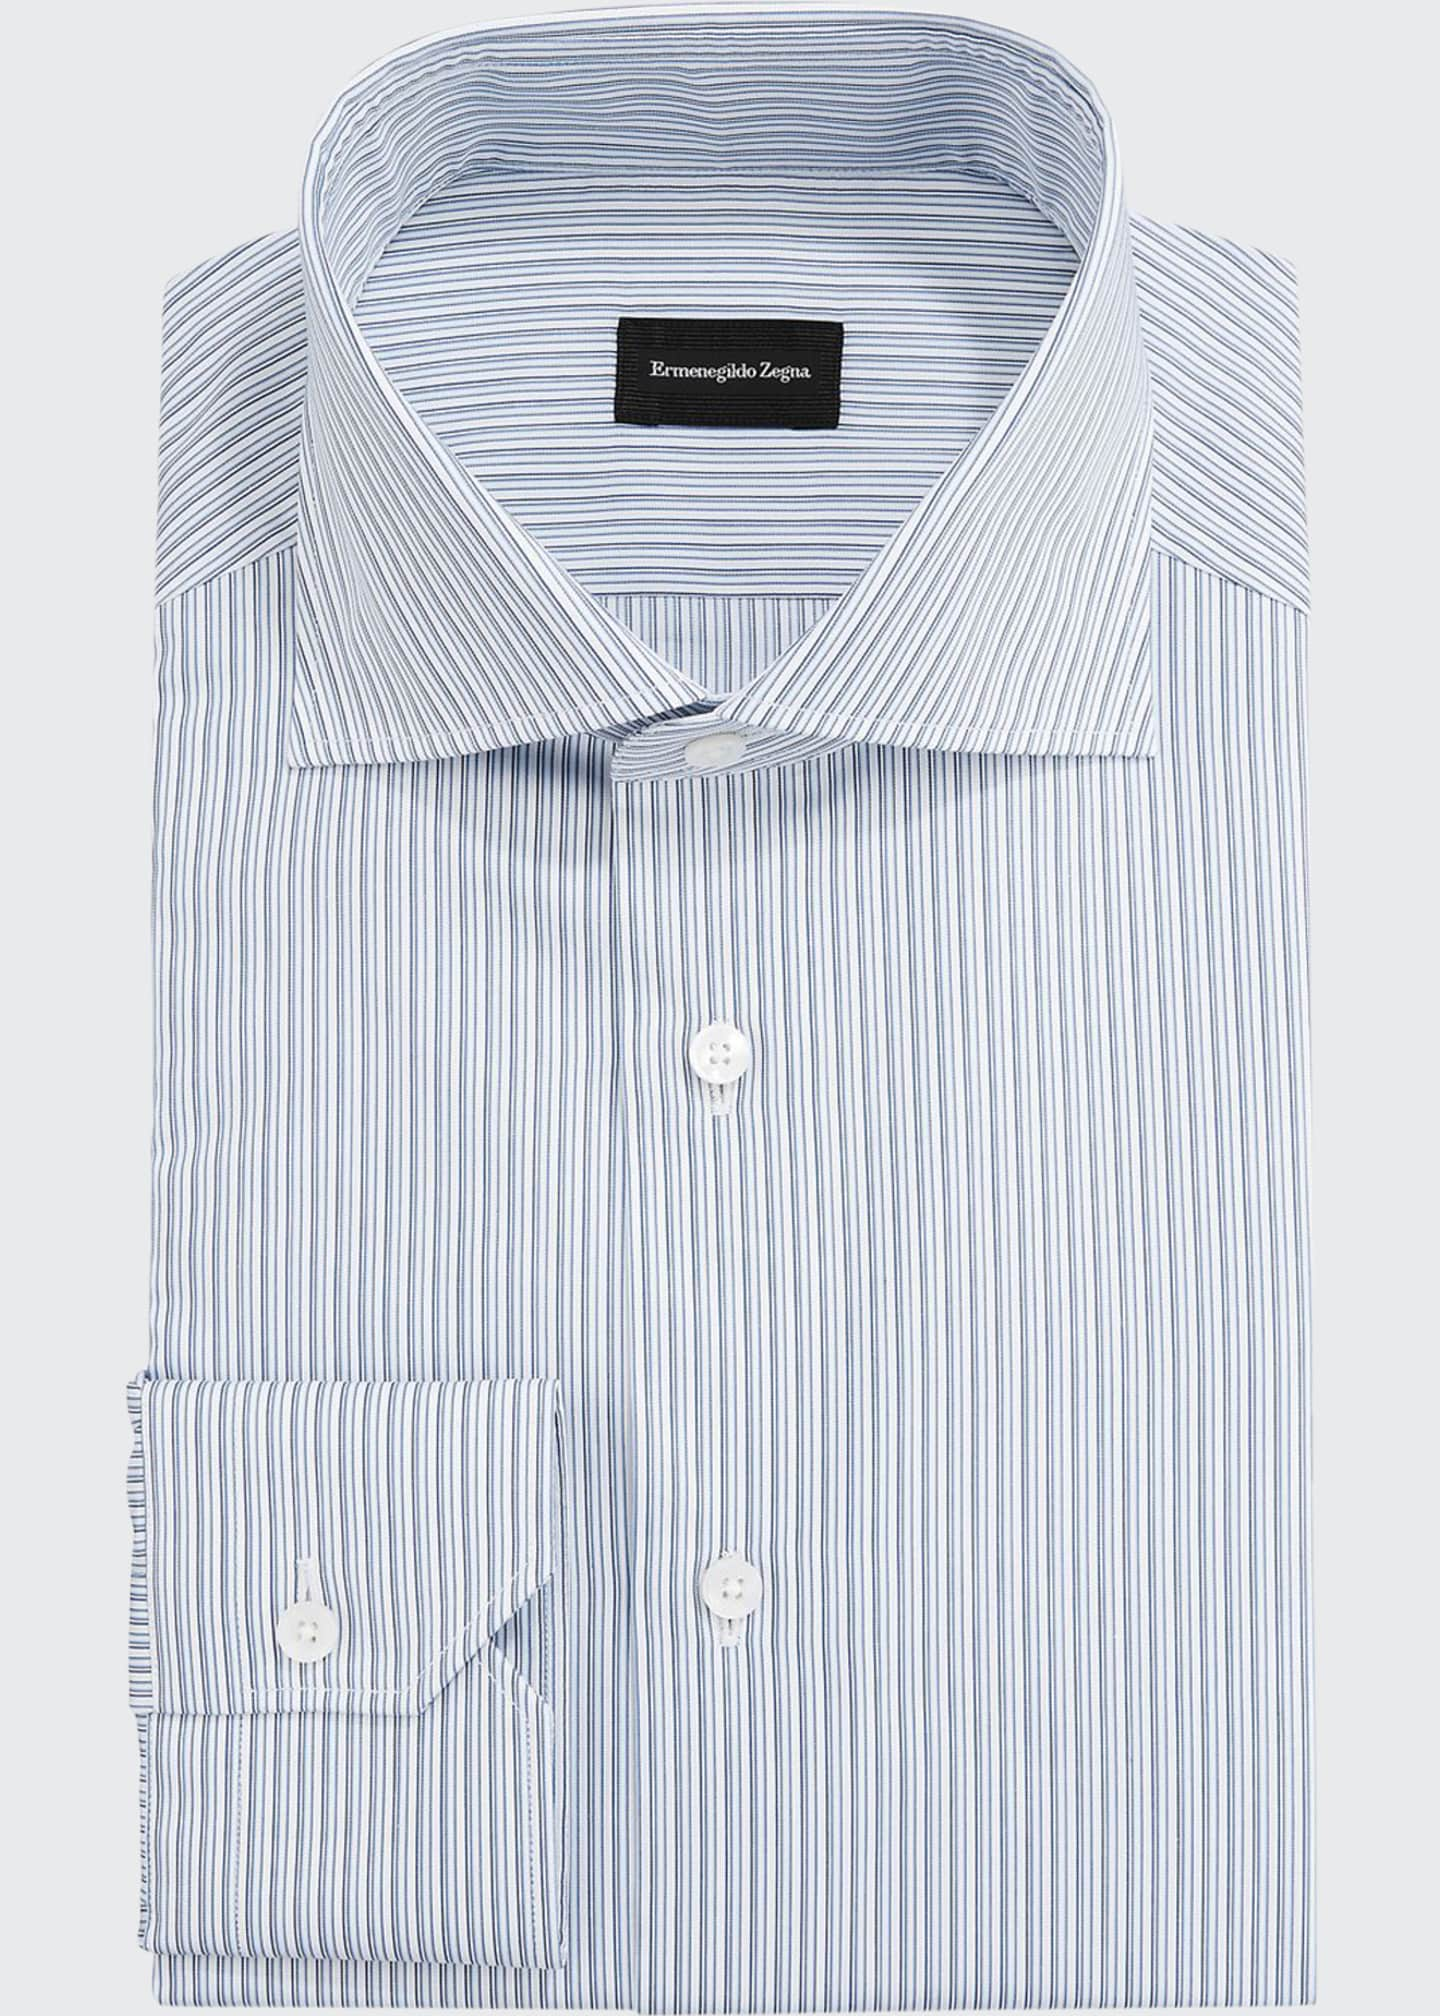 Ermenegildo Zegna Men's Fine-Stripe Dress Shirt